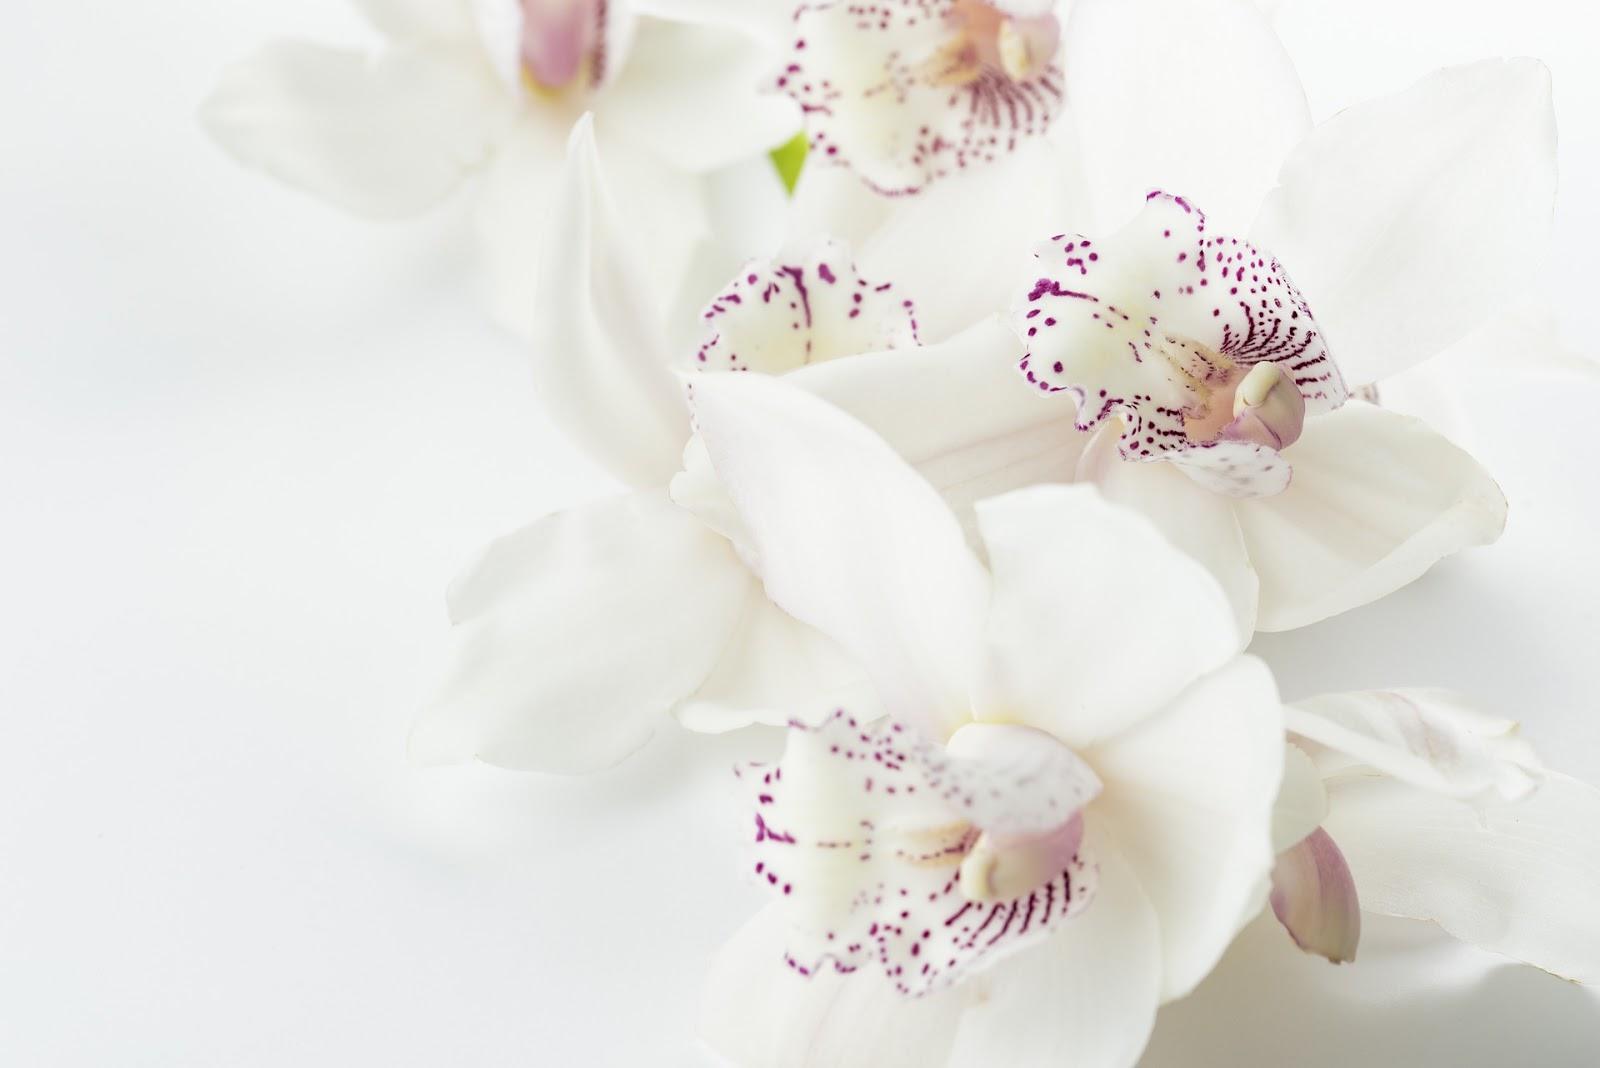 Gambar bunga anggrek cantik